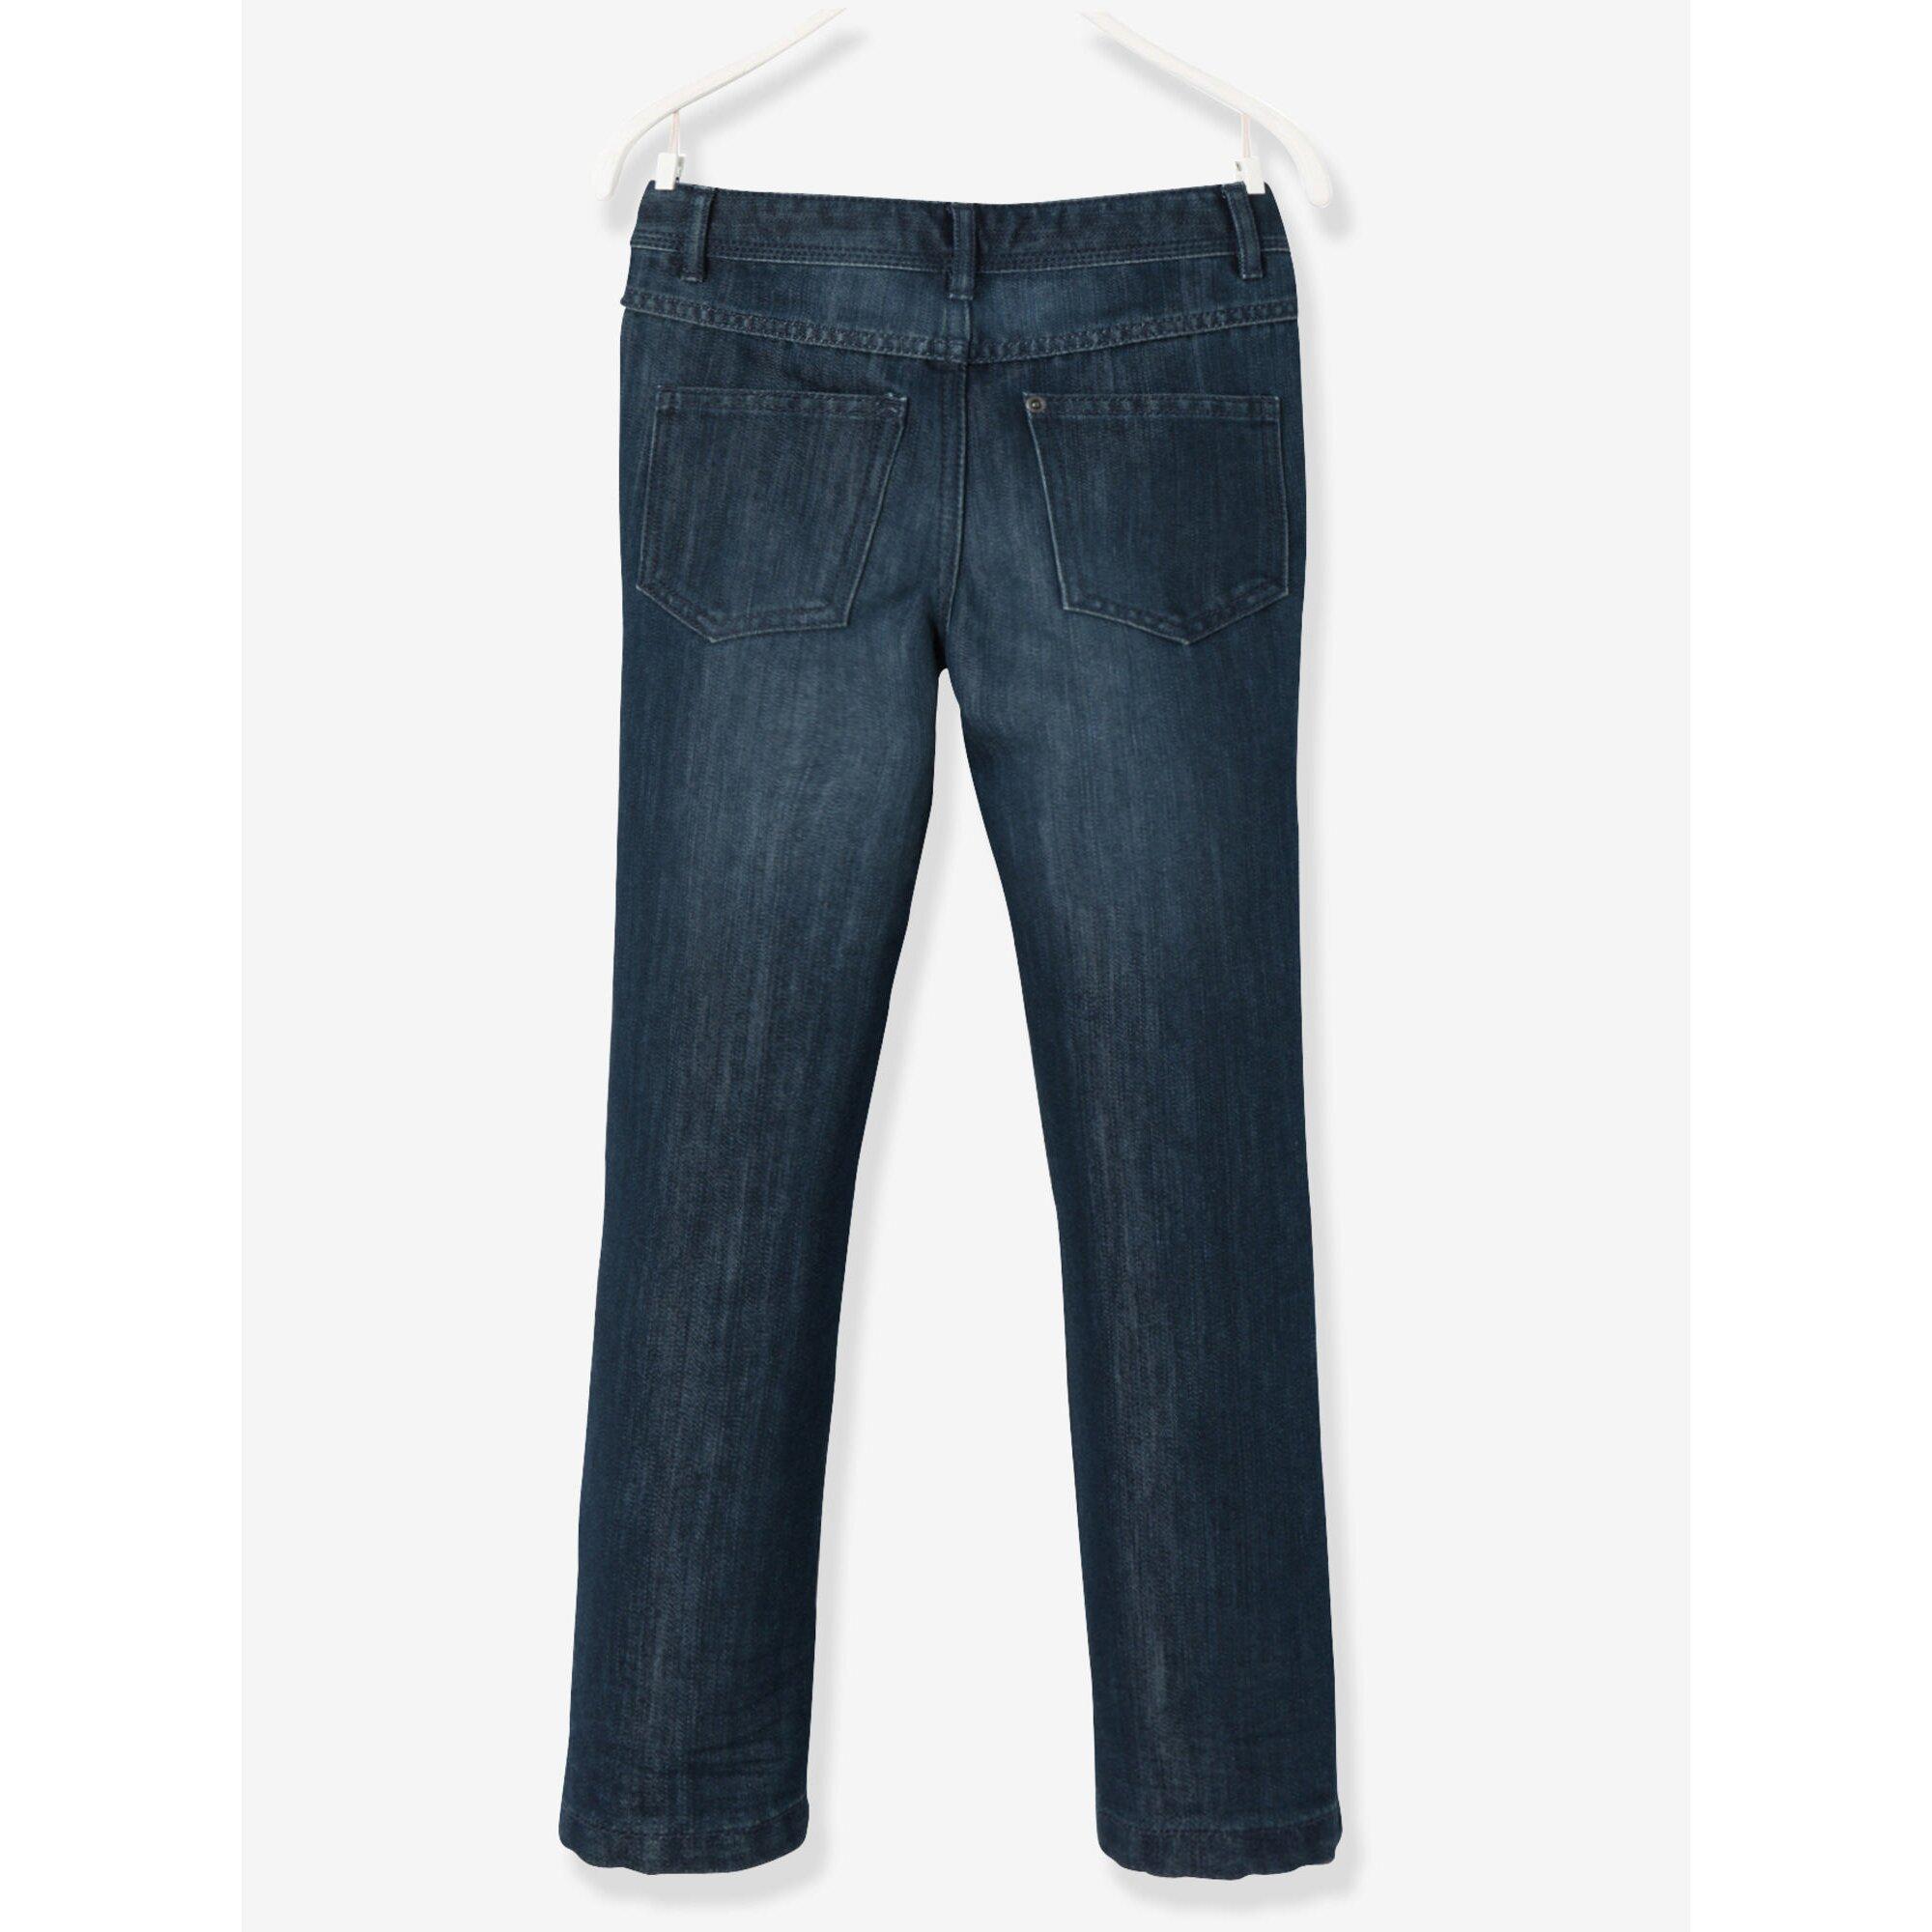 vertbaudet-gerade-stretchhose-fur-jungen-huftweite-comfort, 25.99 EUR @ babywalz-de